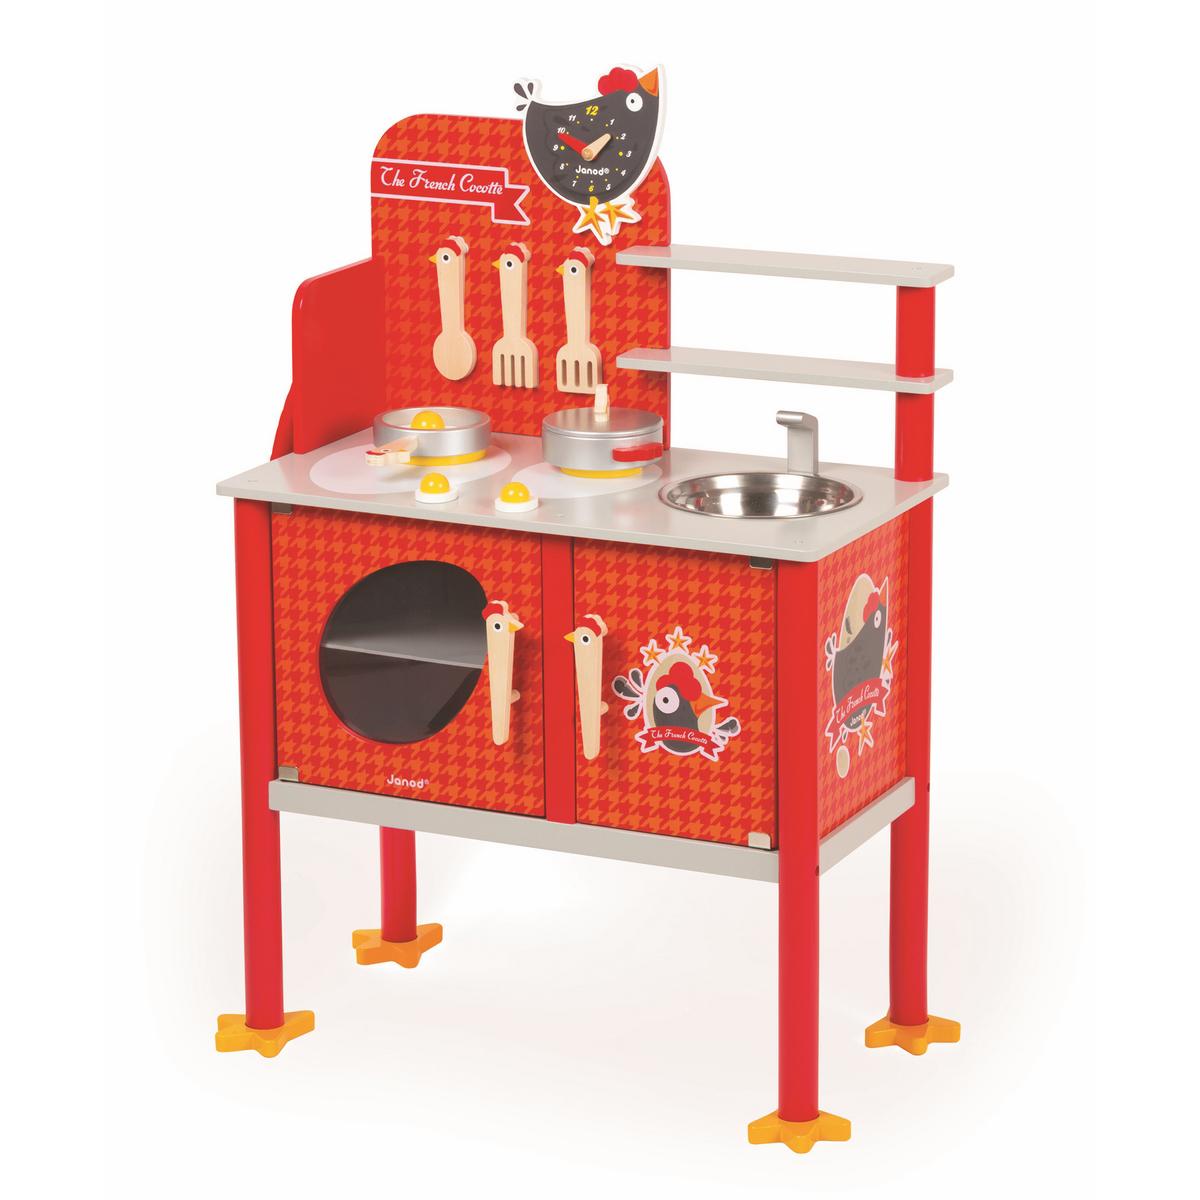 Janod Игрушечная кухня КурочкаJ06543Игрушечная кухня Janod Курочка - это очень реалистичное место, где ваш ребенок сможет примерить на себя роль повара или домохозяйки, придумать что-то новое или импровизировать. В наборе все продумано до мелочей. Кухня представляет из себя комод на забавных куриных ножках с шкафчиком, полками и подвесами, плитой и мойкой с краном. На ней помещаются все кухонные приборы.Также в набор входят игрушечные часы в виде курочки со стрелками, по которым ваш малыш научиться определять время и вести счет. Все элементы набора выполнены из прочного дерева и покрыты безвредной краской, они совершенно безопасны для ребенка. Ваш ребенок будет в восторге от такого подарка! В процессе игры с таким набором стимулируется мозговая активность, развиваются моторика рук, пространственное мышление и творческие способности ребенка.